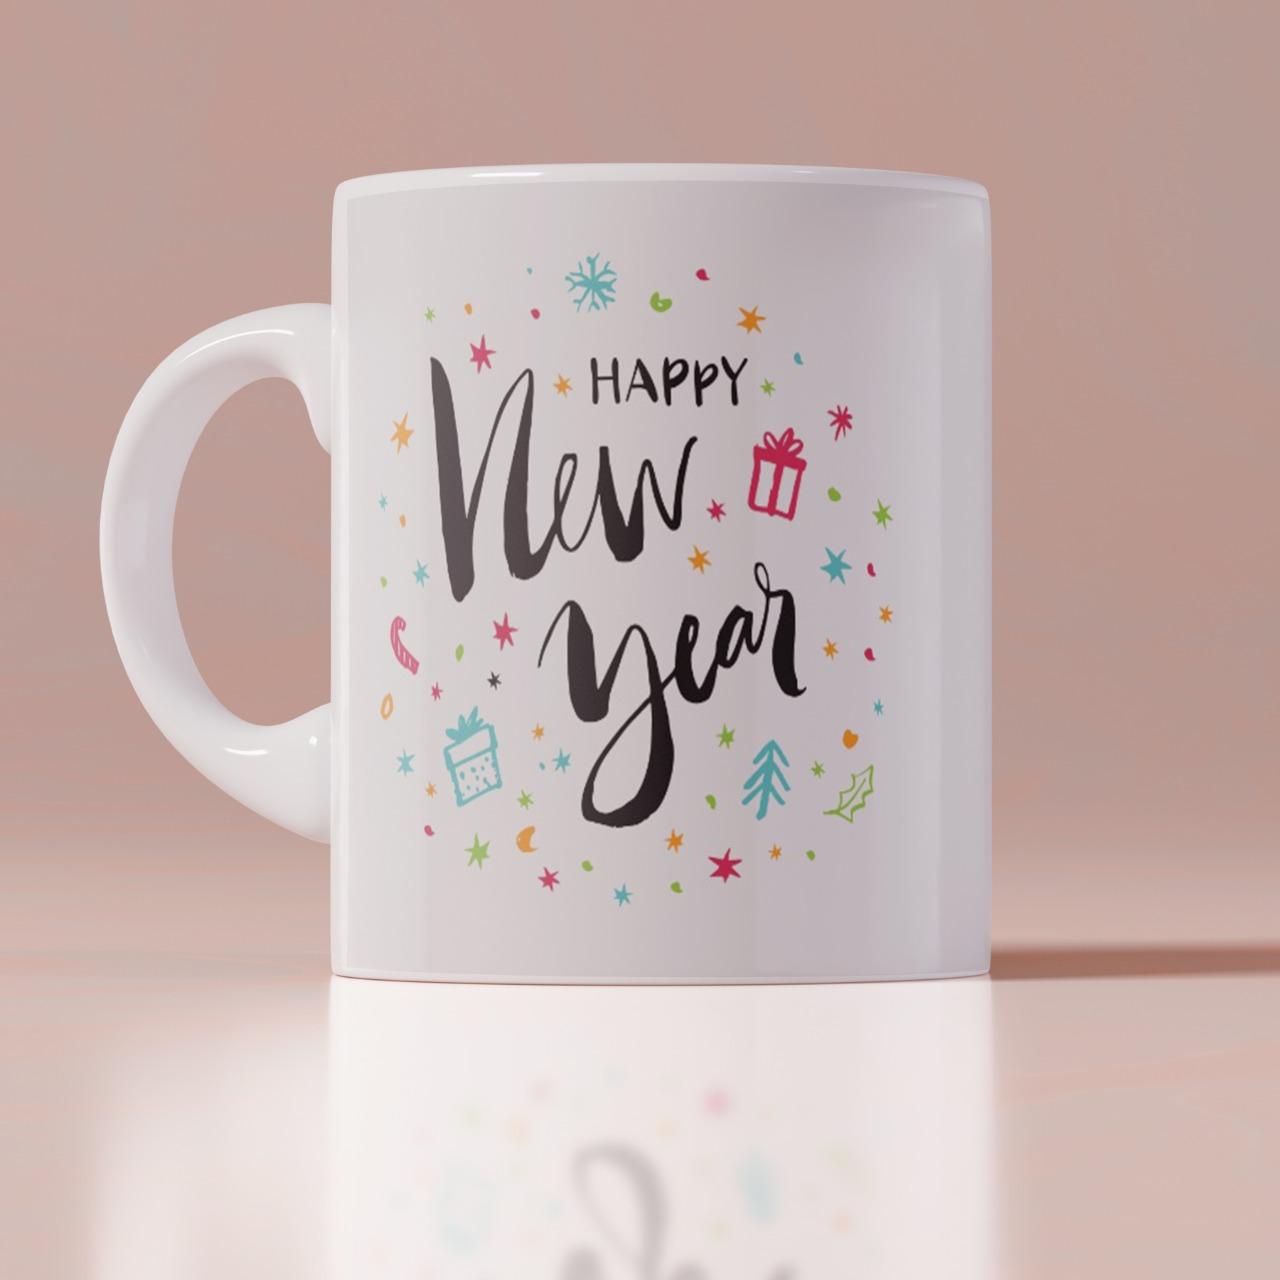 Happy New Year Customized Mug